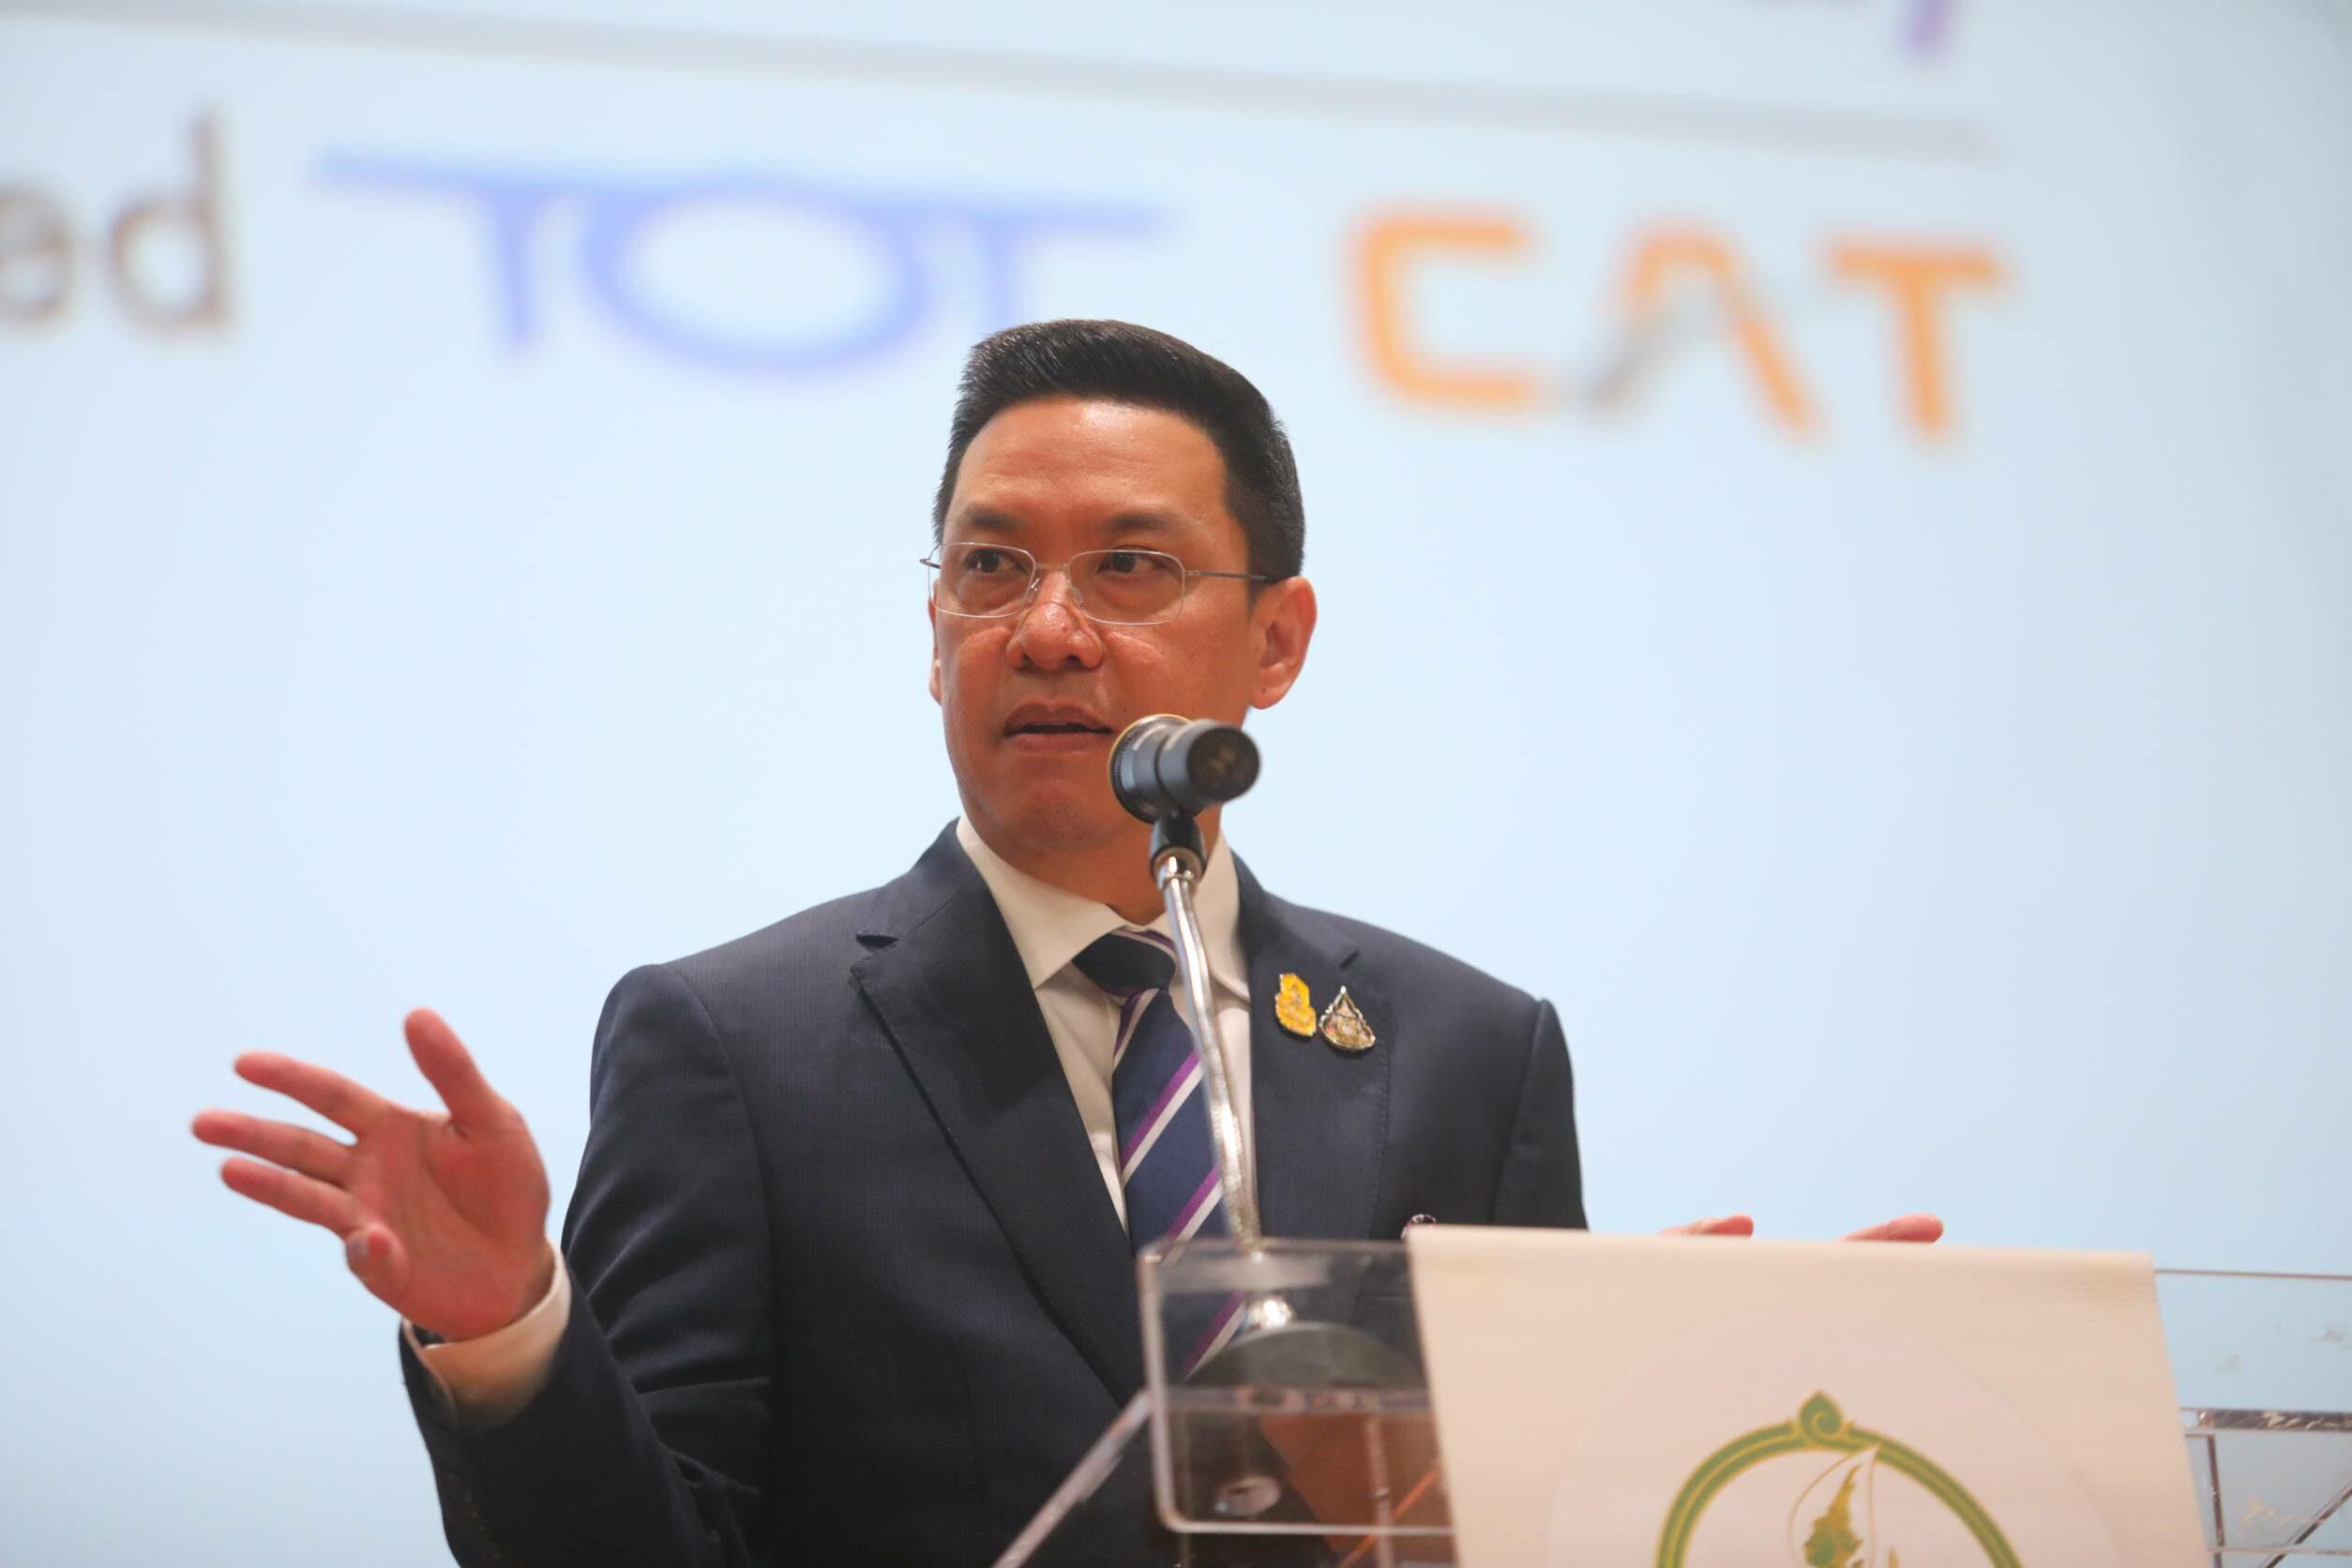 พุทธิพงษ์ โวไม่เกินฝัน หนุน 'เอ็นที' ท็อป 3 บริษัทโทรคมฯไทย